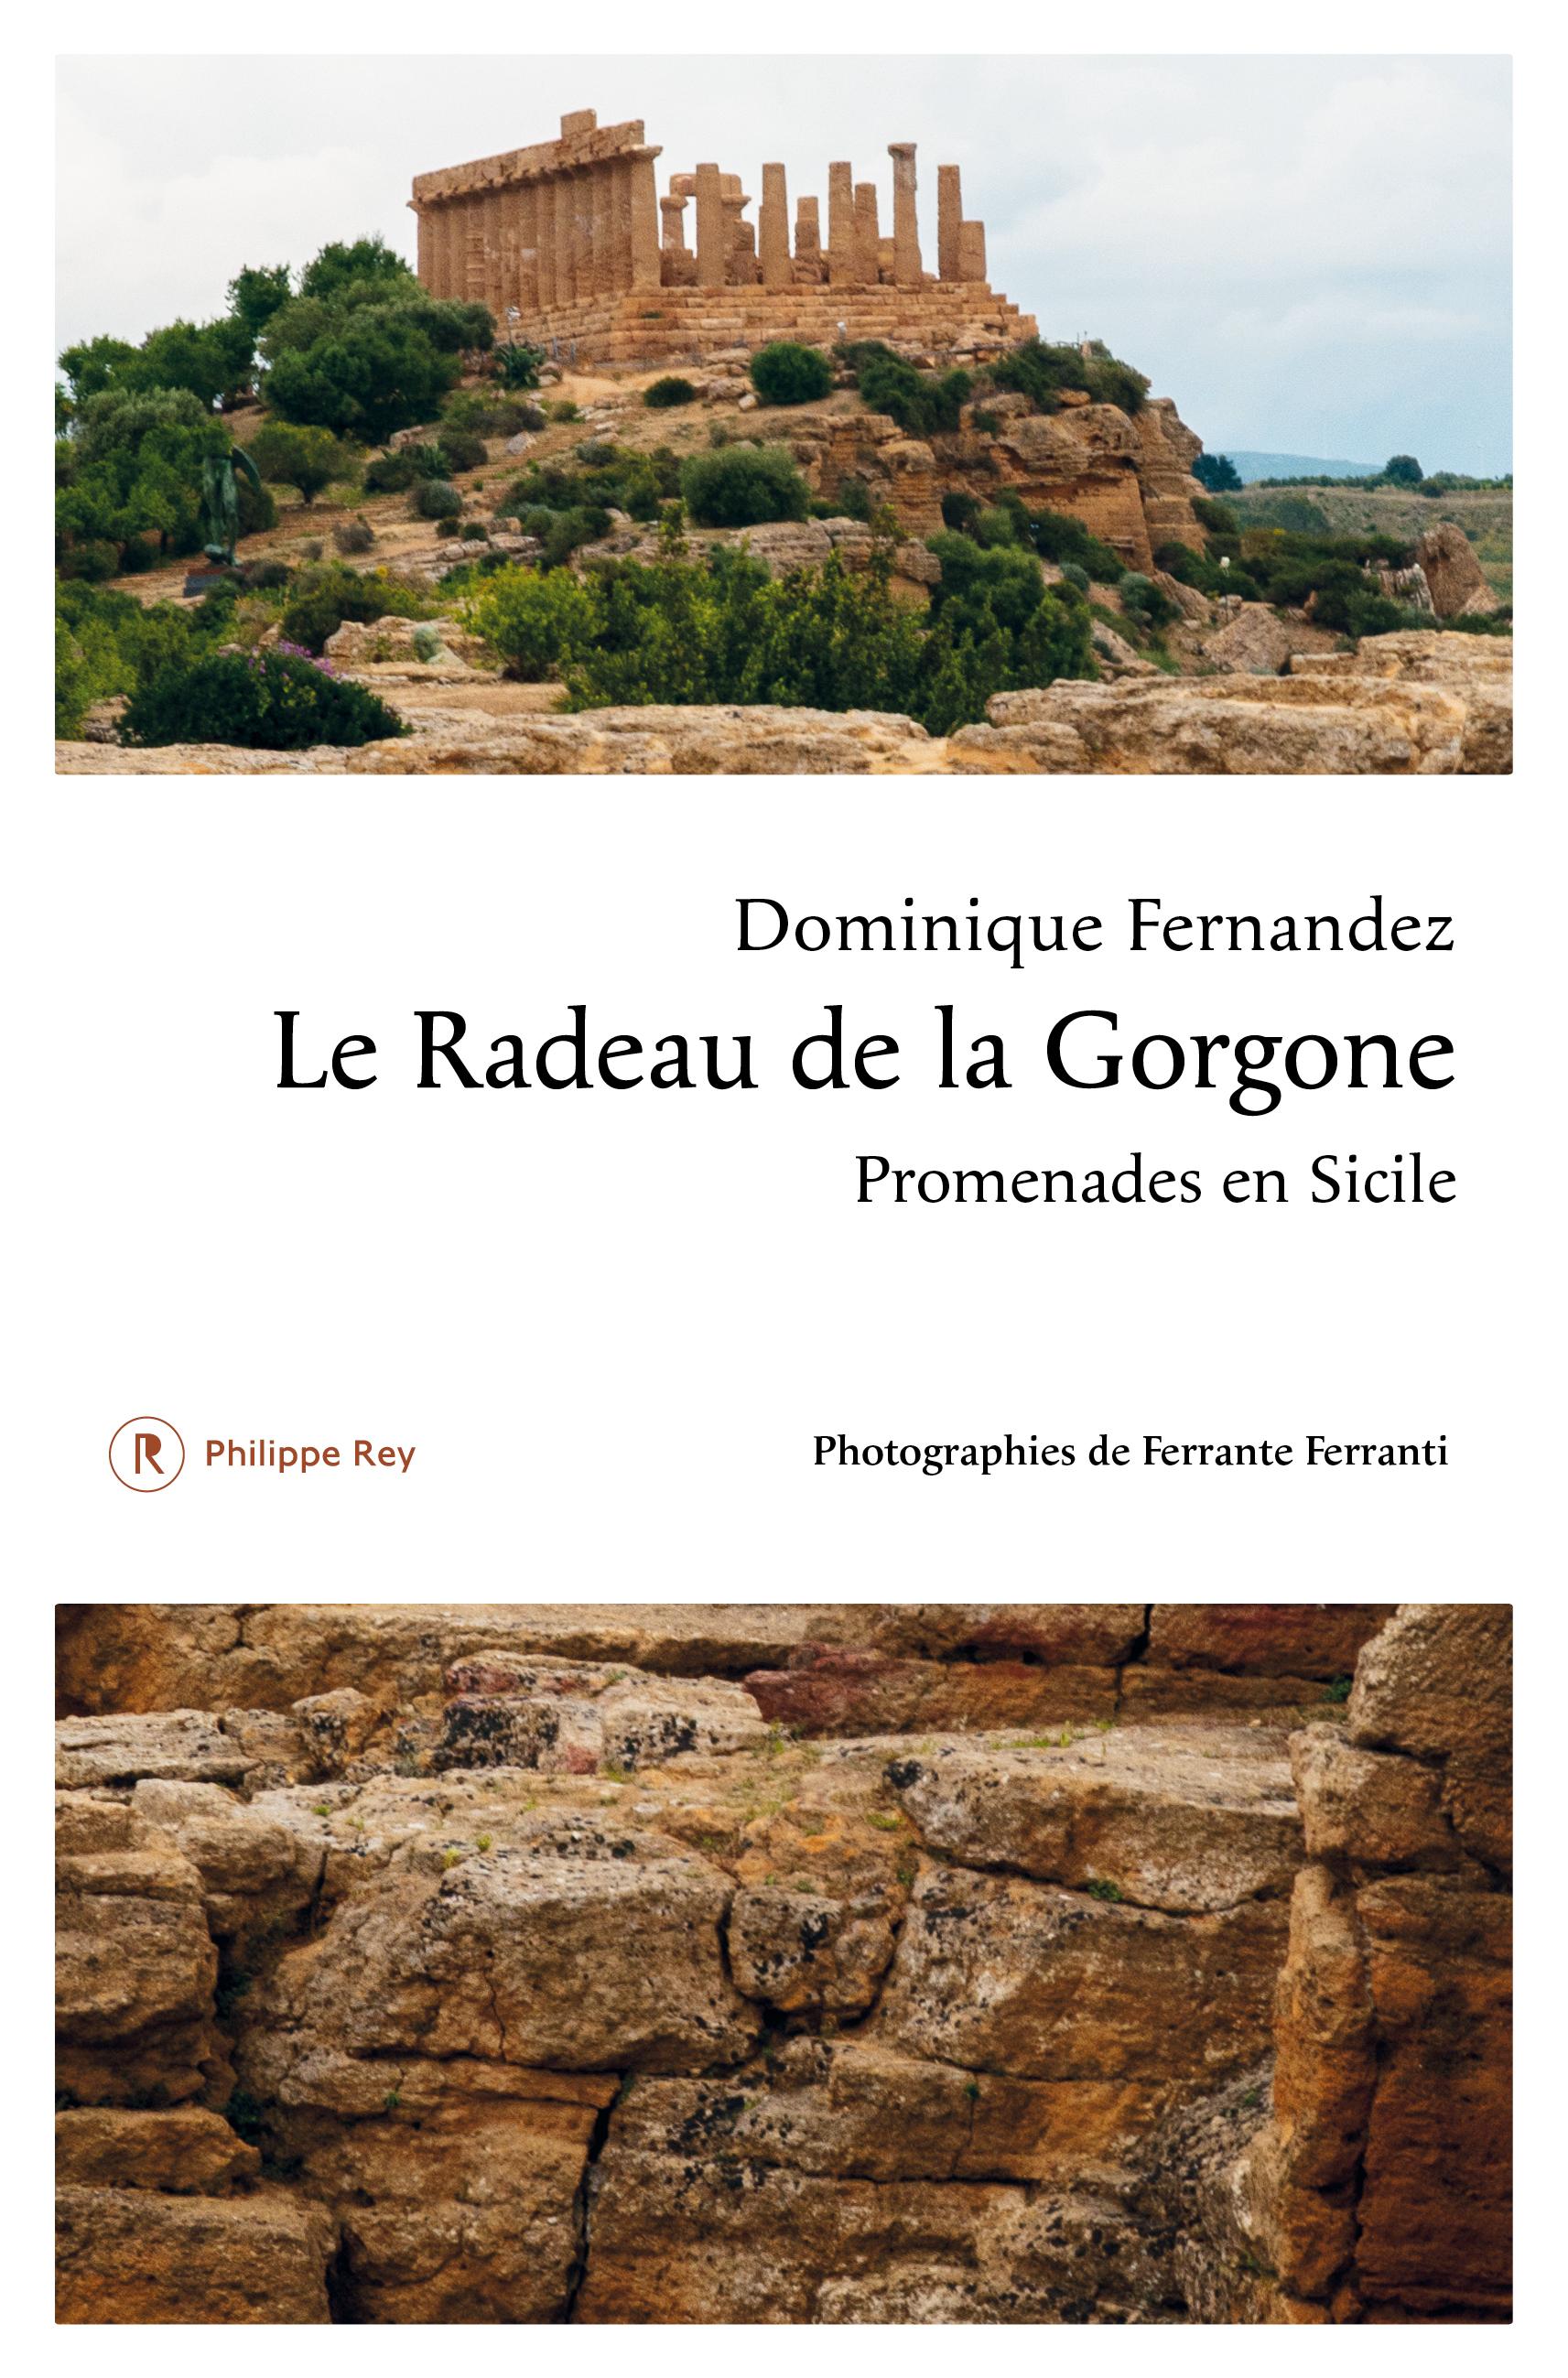 """Résultat de recherche d'images pour """"Le radeau de la Gorgone: promenades en Sicile Philippe Rey"""""""